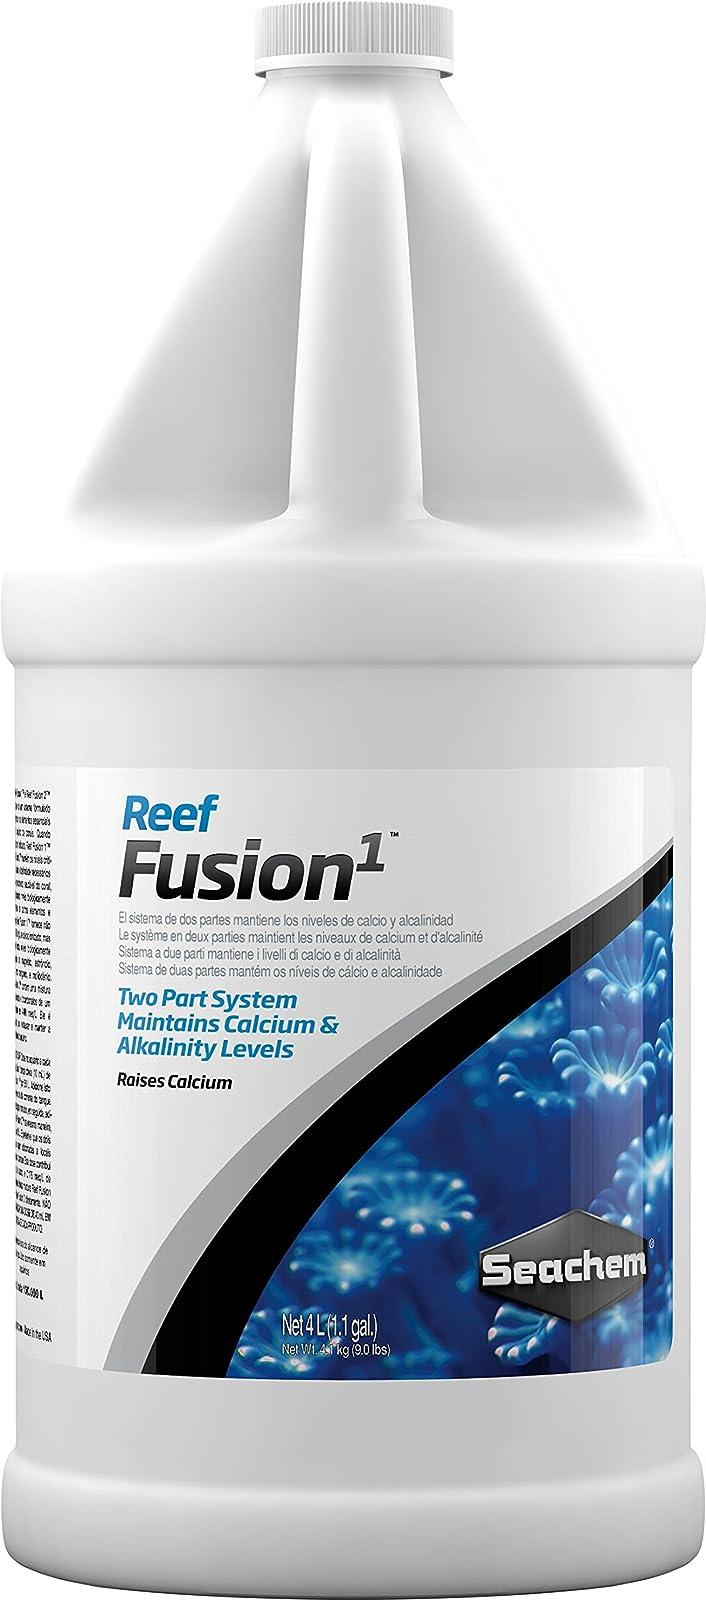 Reef Fusion 1 4 L / 1.1 fl. gal. 1209 - 1